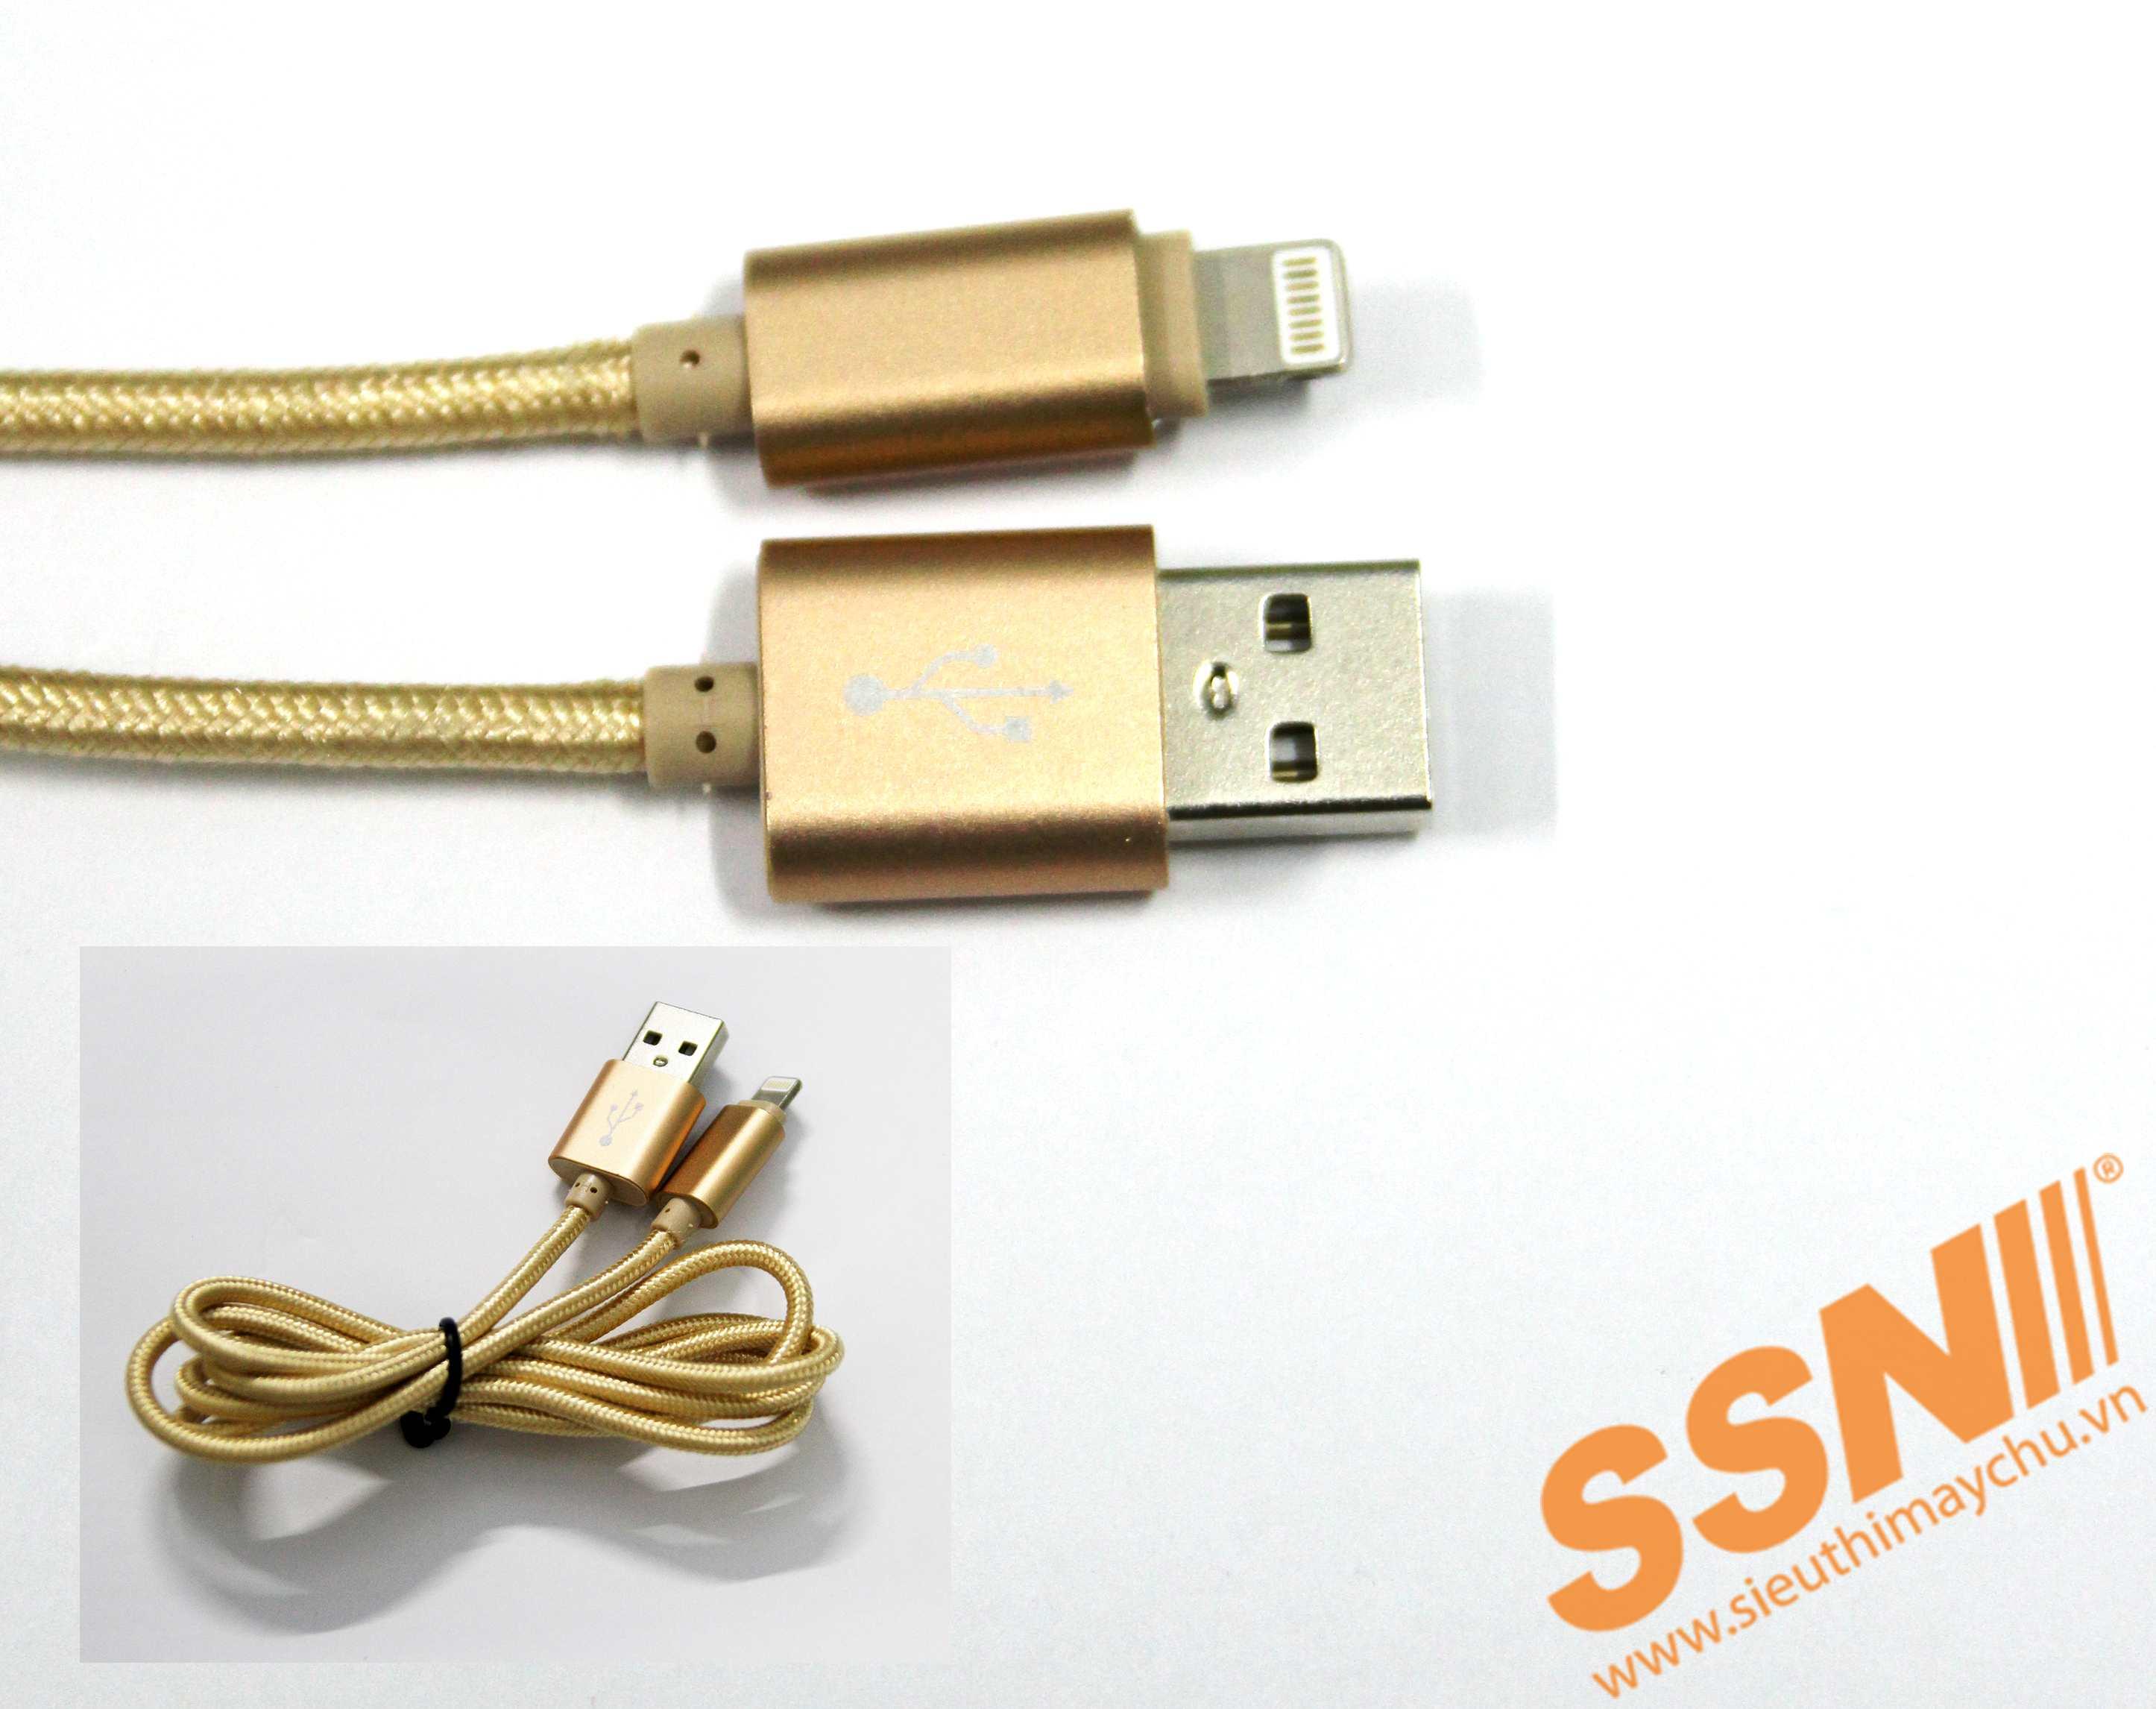 CÁP SẠC USB-LIGHTNING-VÀNG (10PCS)